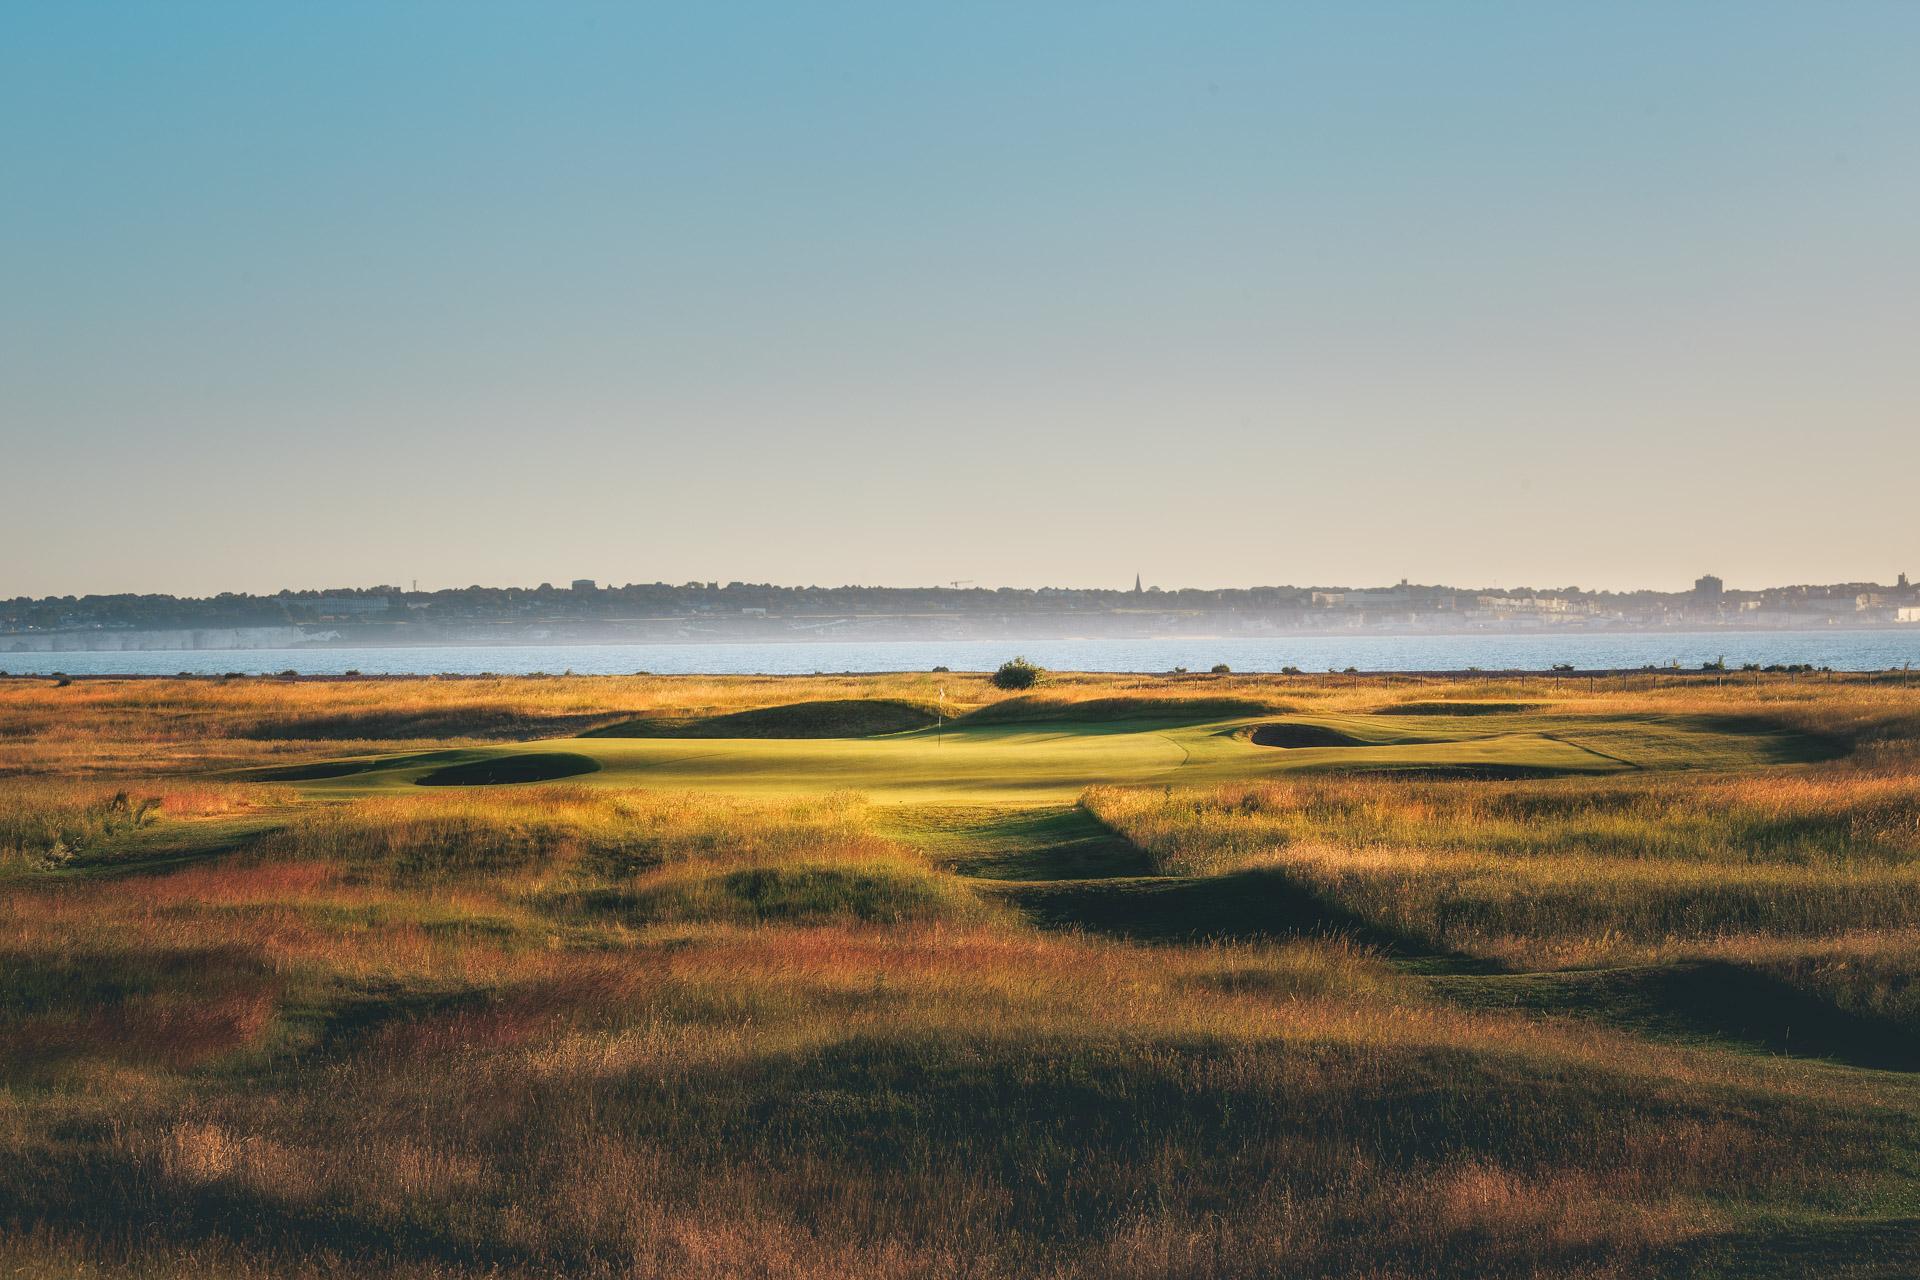 Royal St George's golf course Sandwich Kent